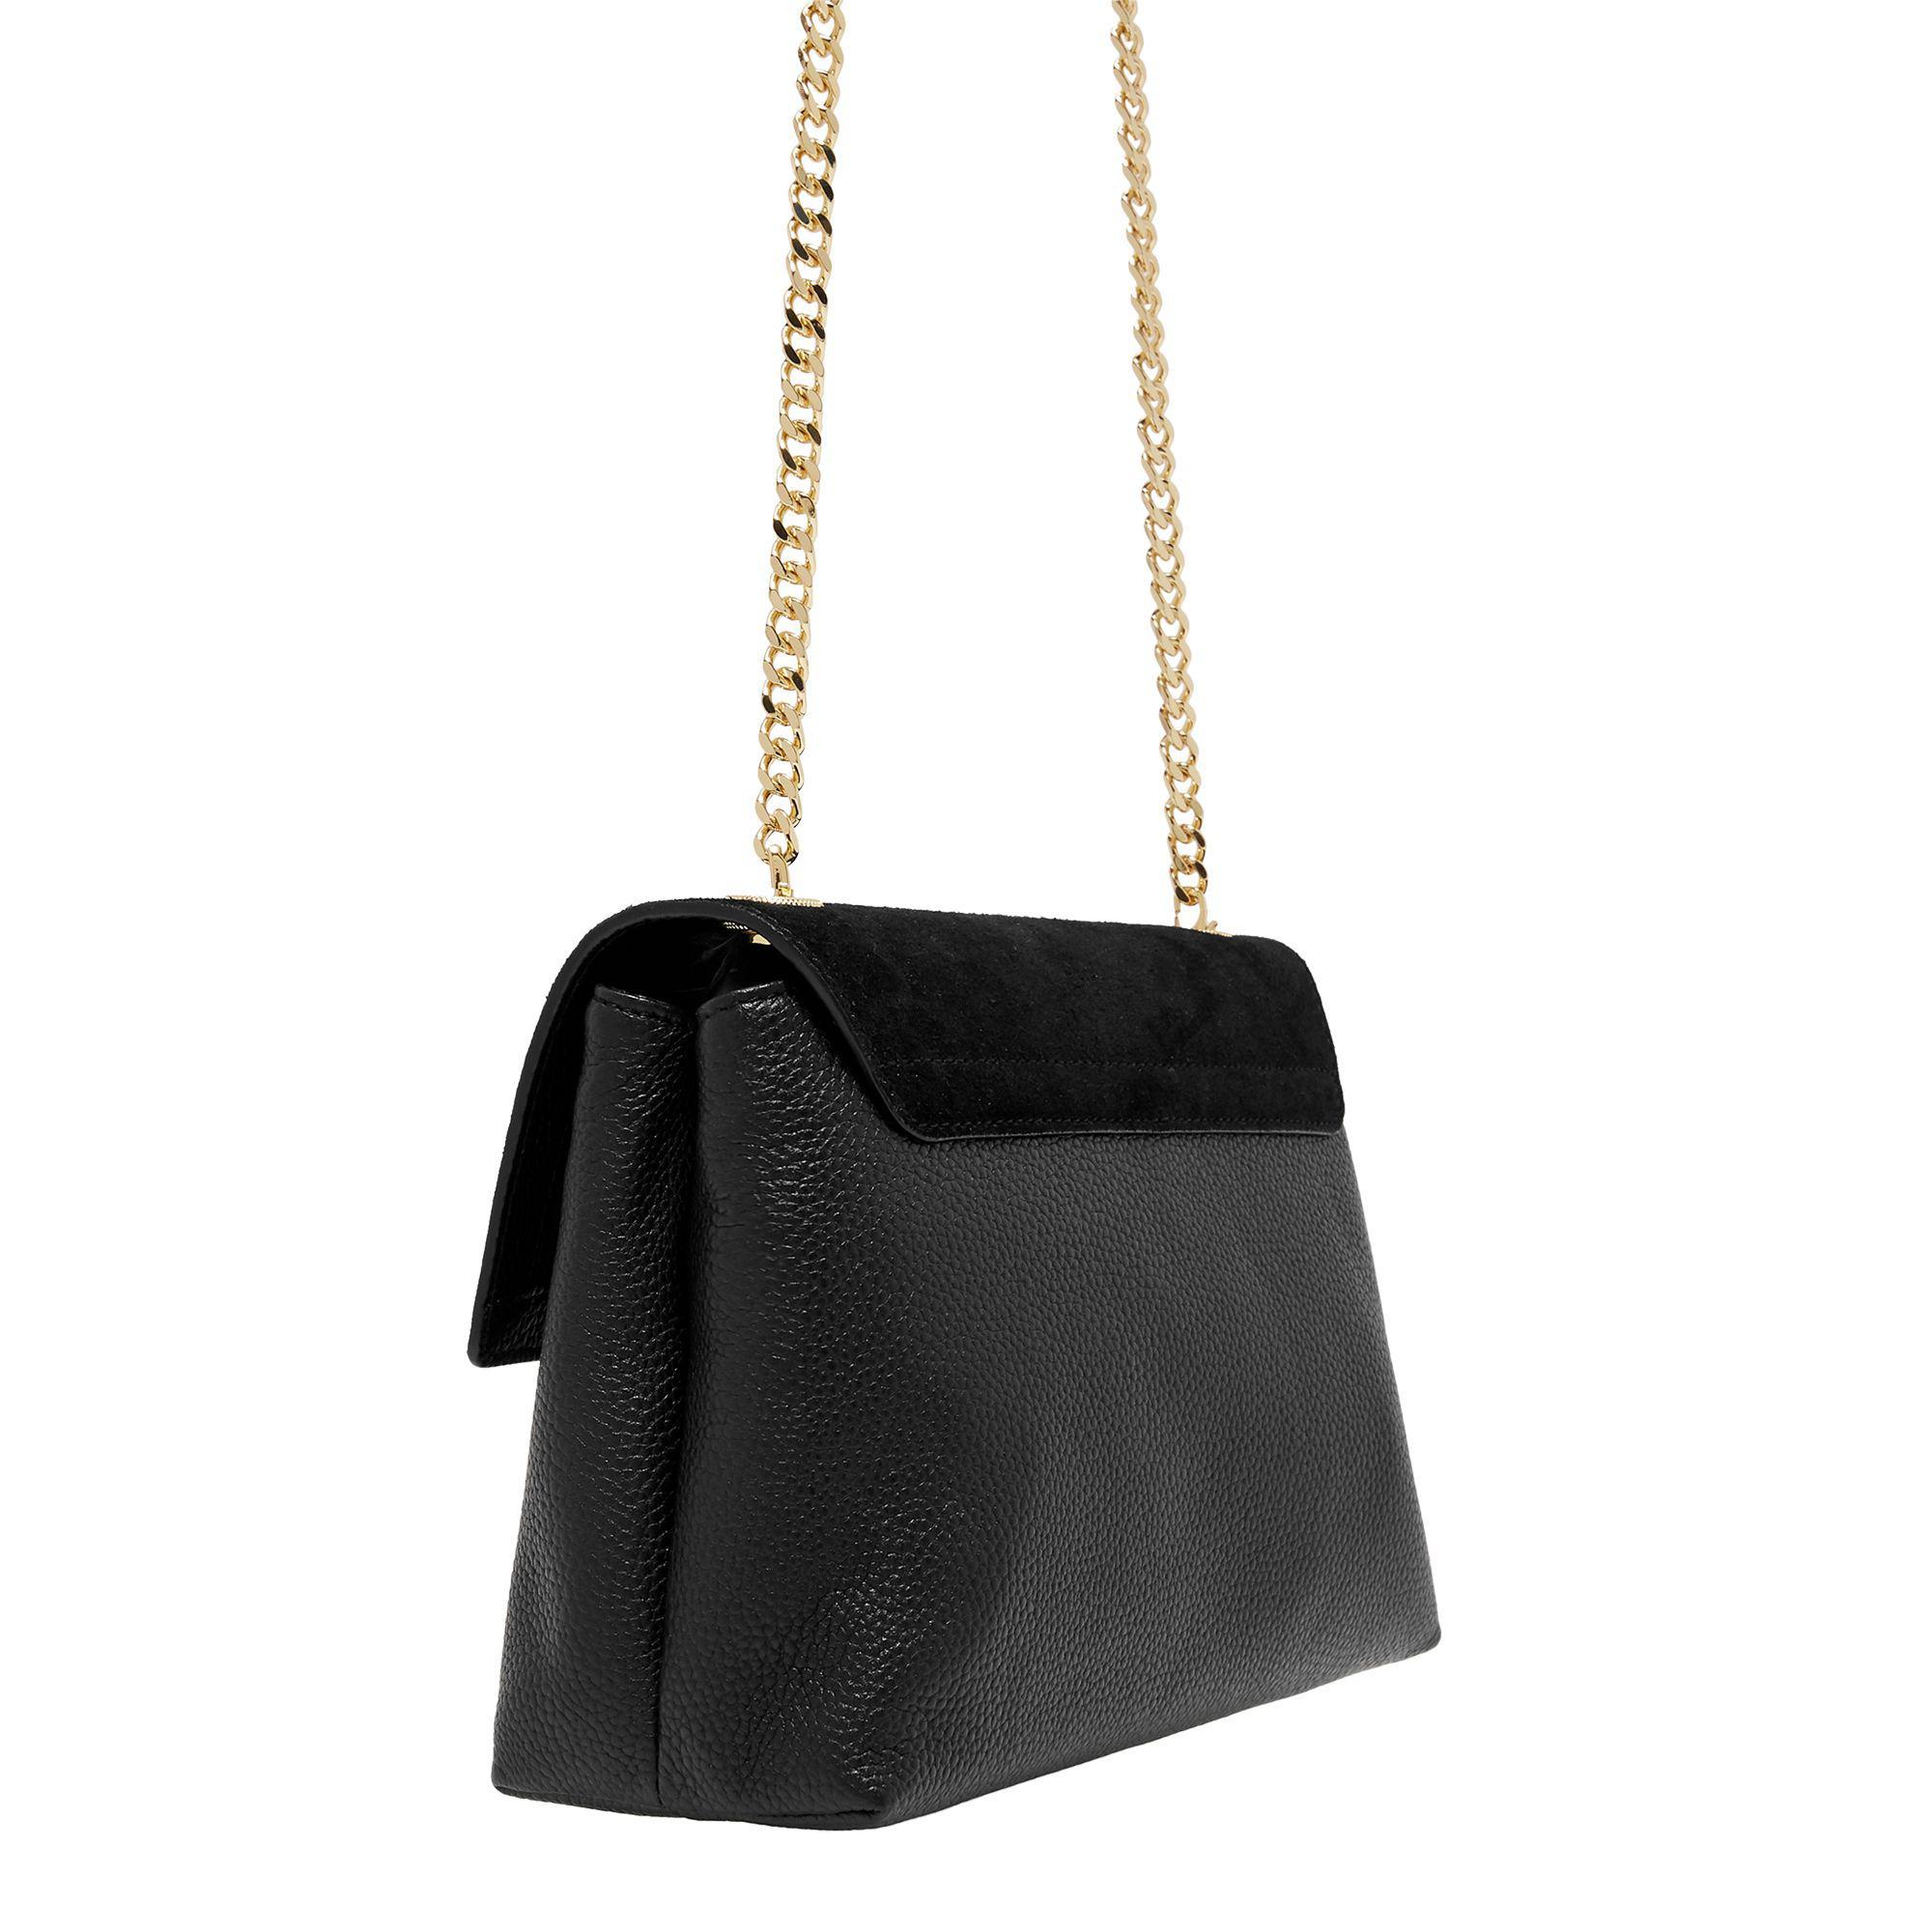 e6f22b7cd0c0 Ted Baker Helena Padlock Detail Leather Cross Body Bag in Black - Lyst